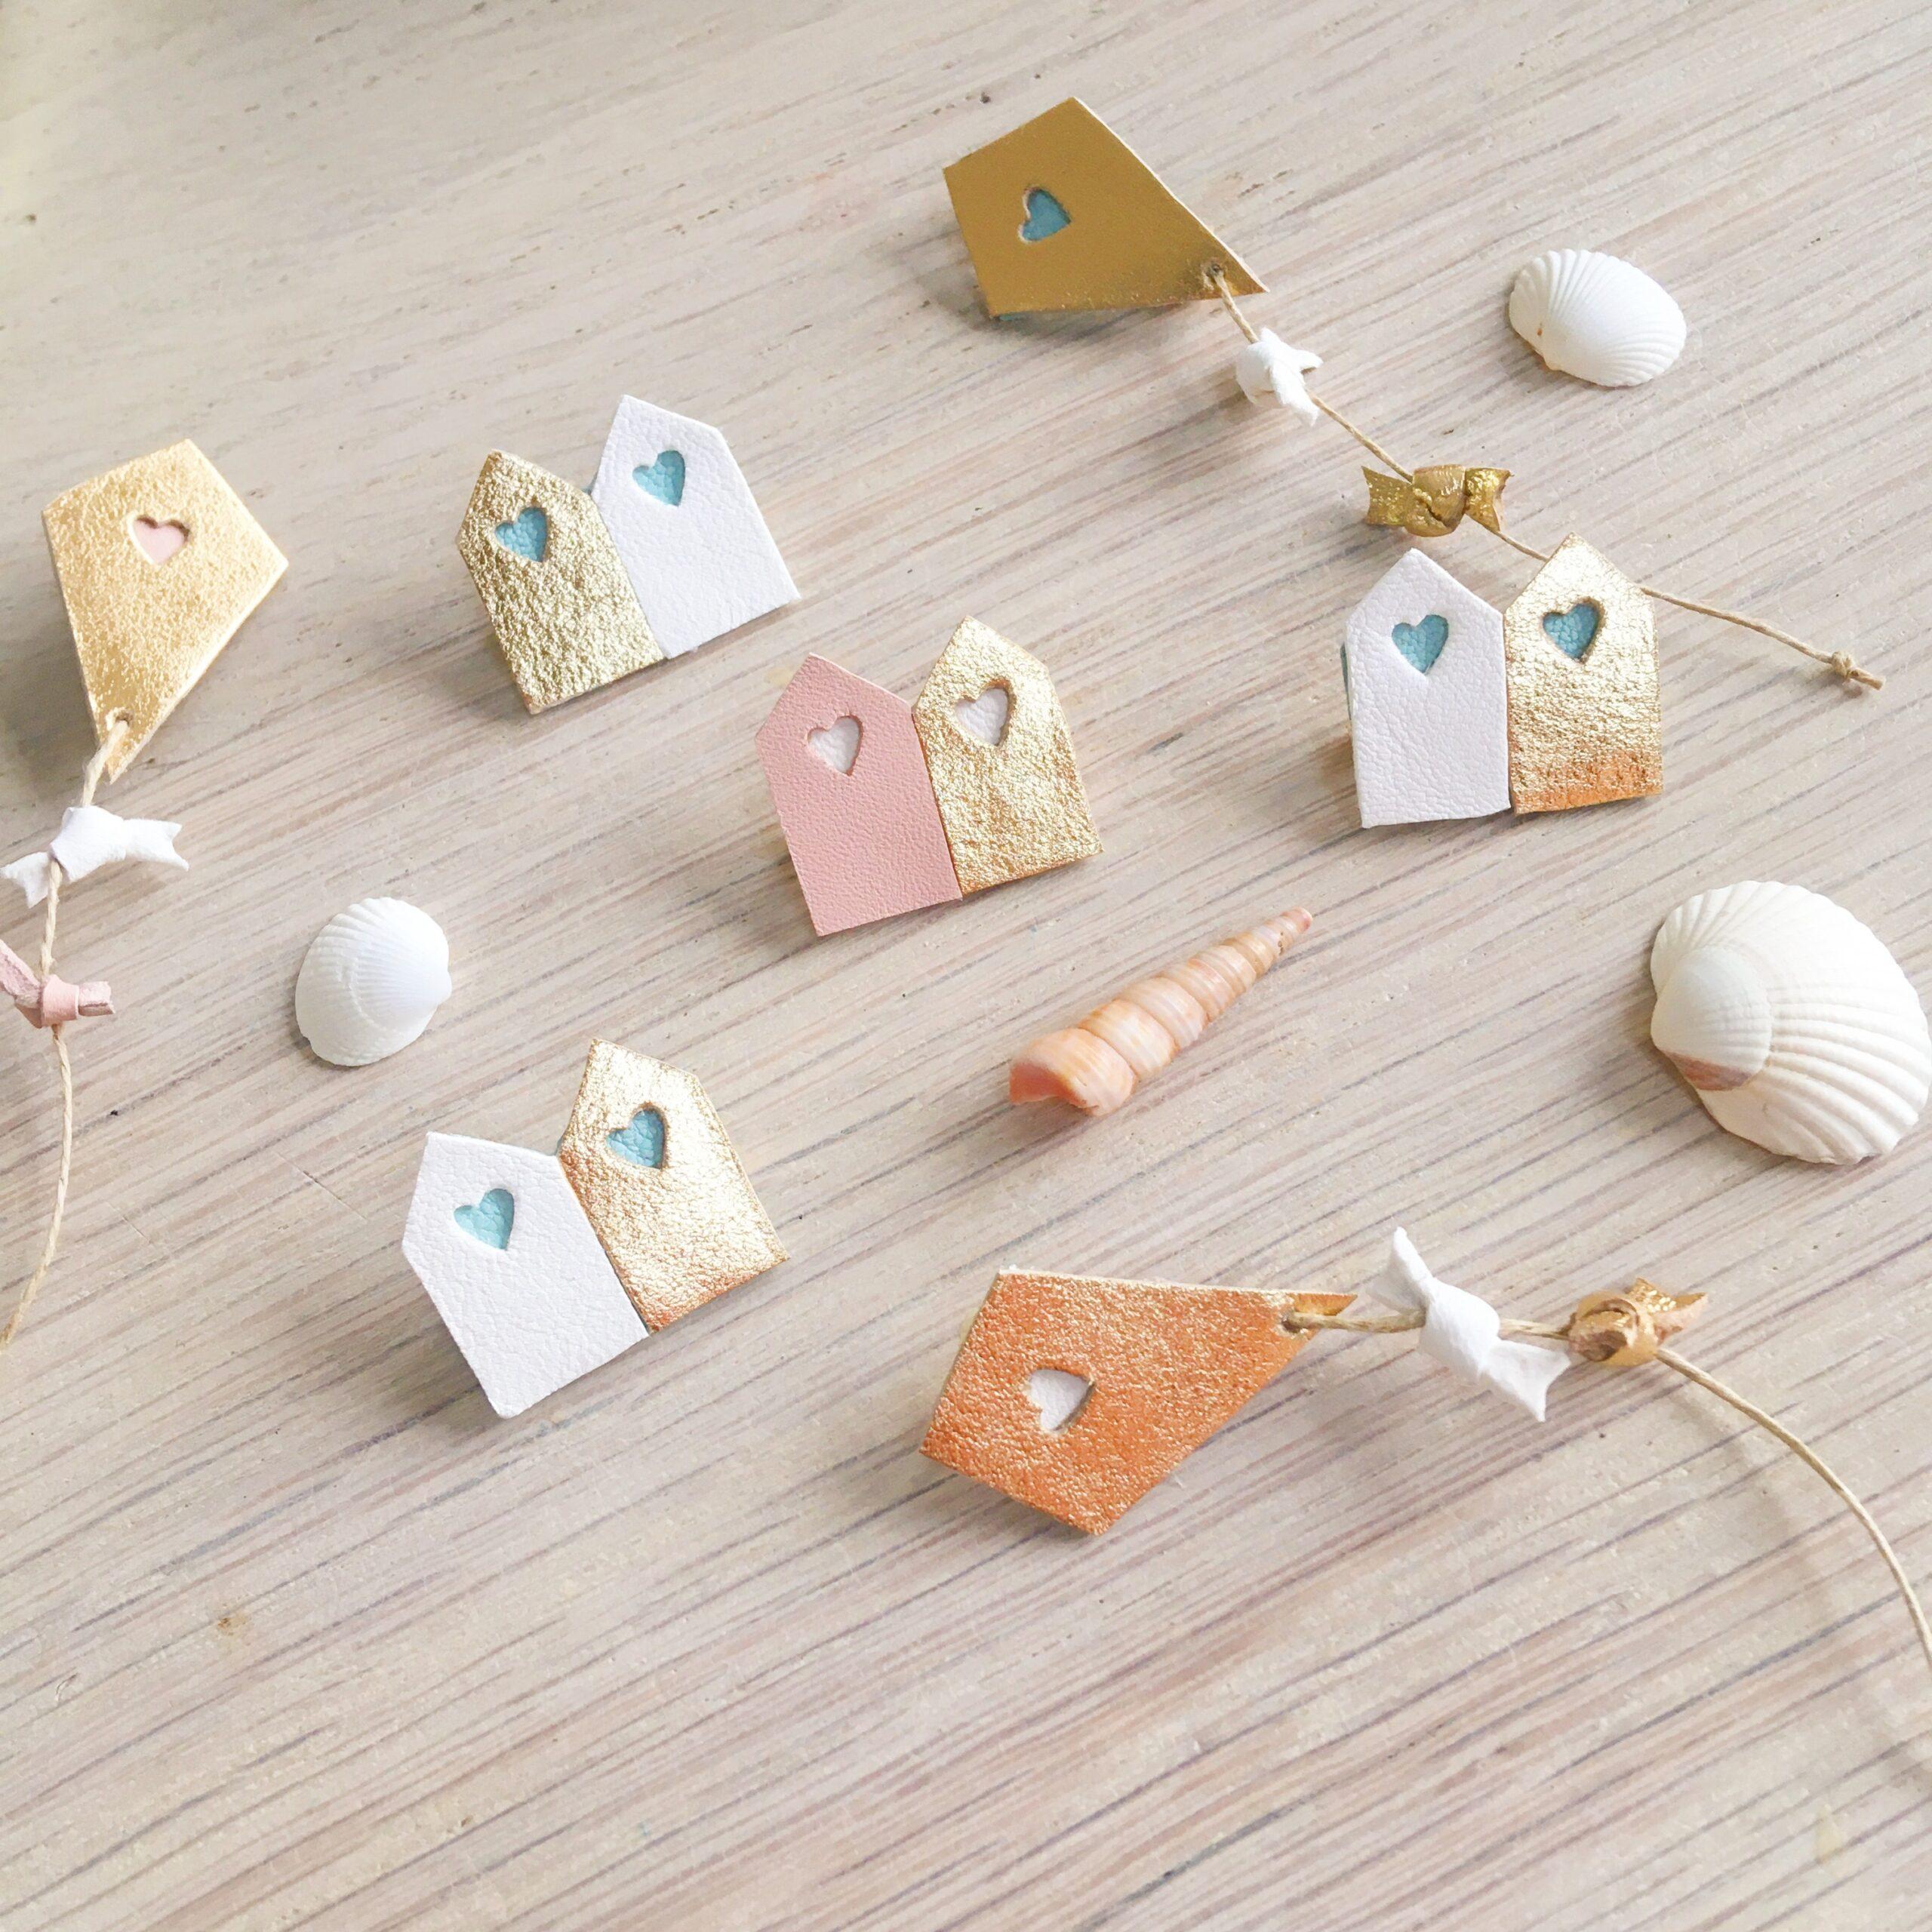 broches bijoux été cerf-volants et cabines de plage, maisons de vacances made in France - du vent dans mes valises